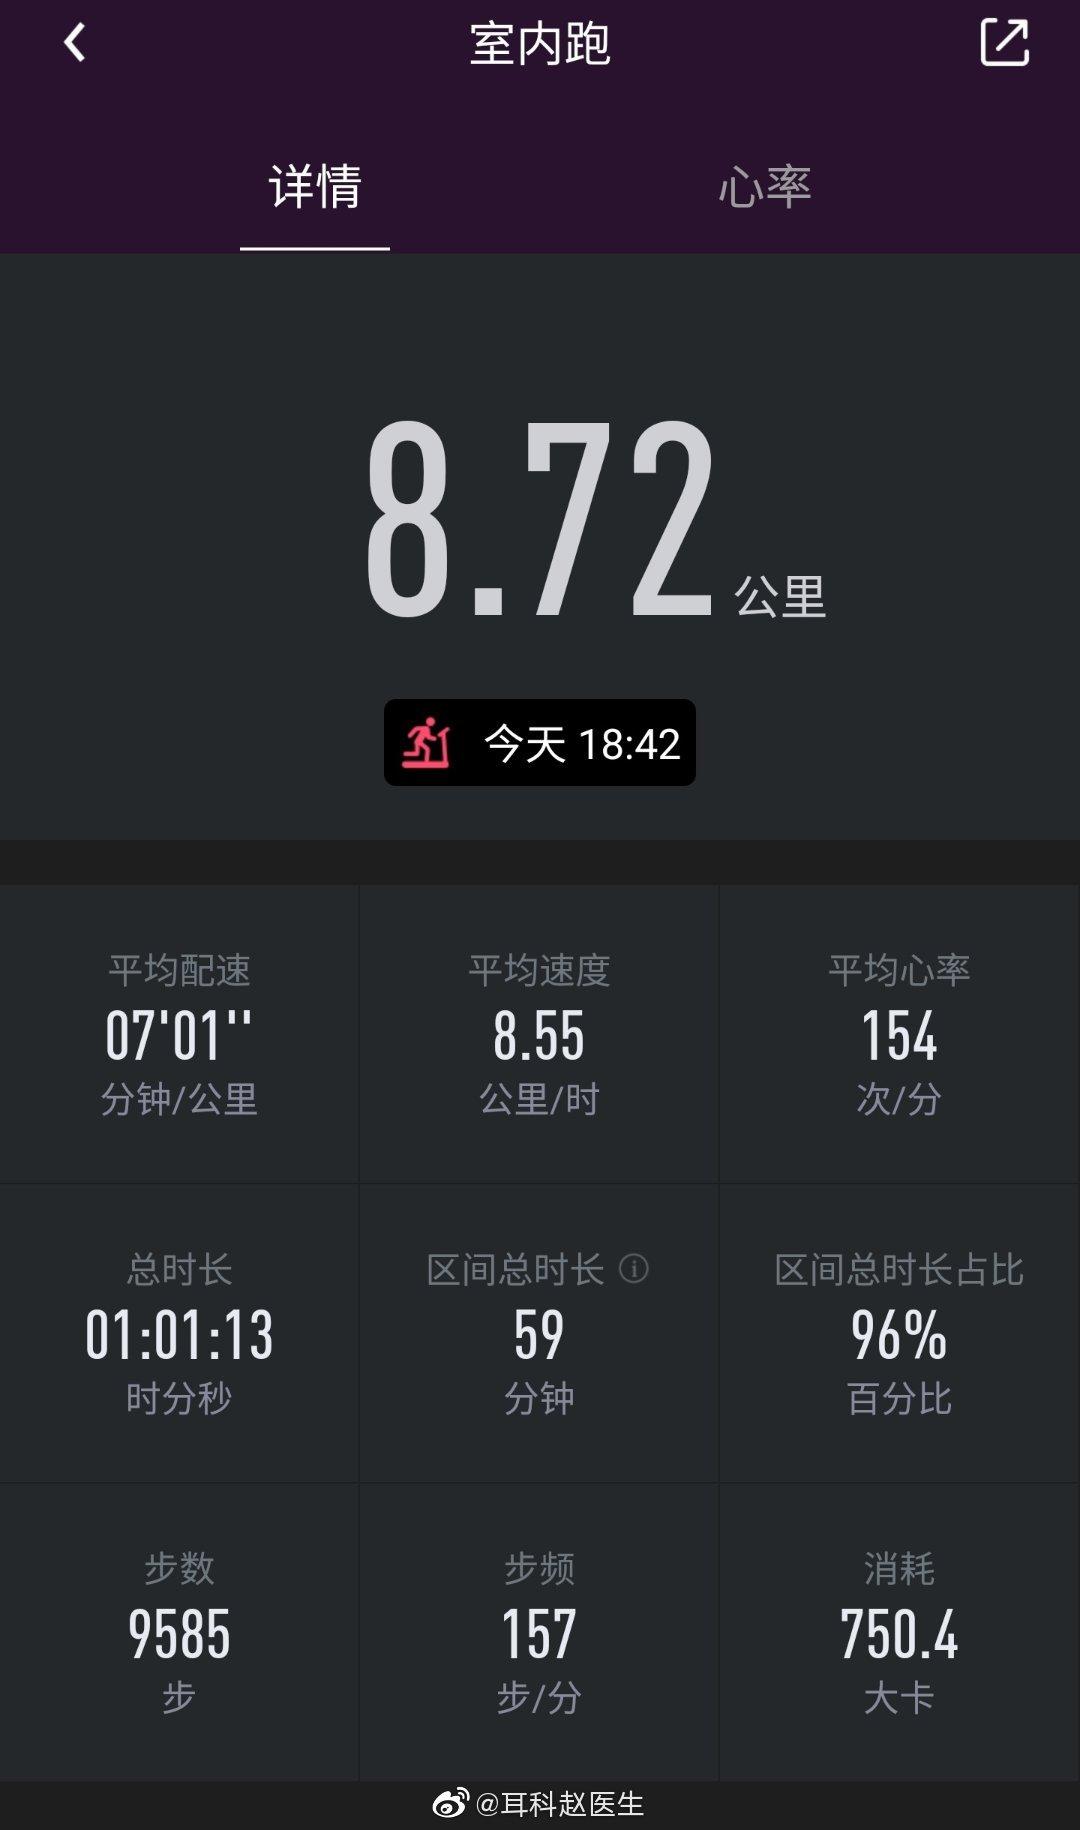 手环室内跑的测距和跑步机有不小差距,同等时间